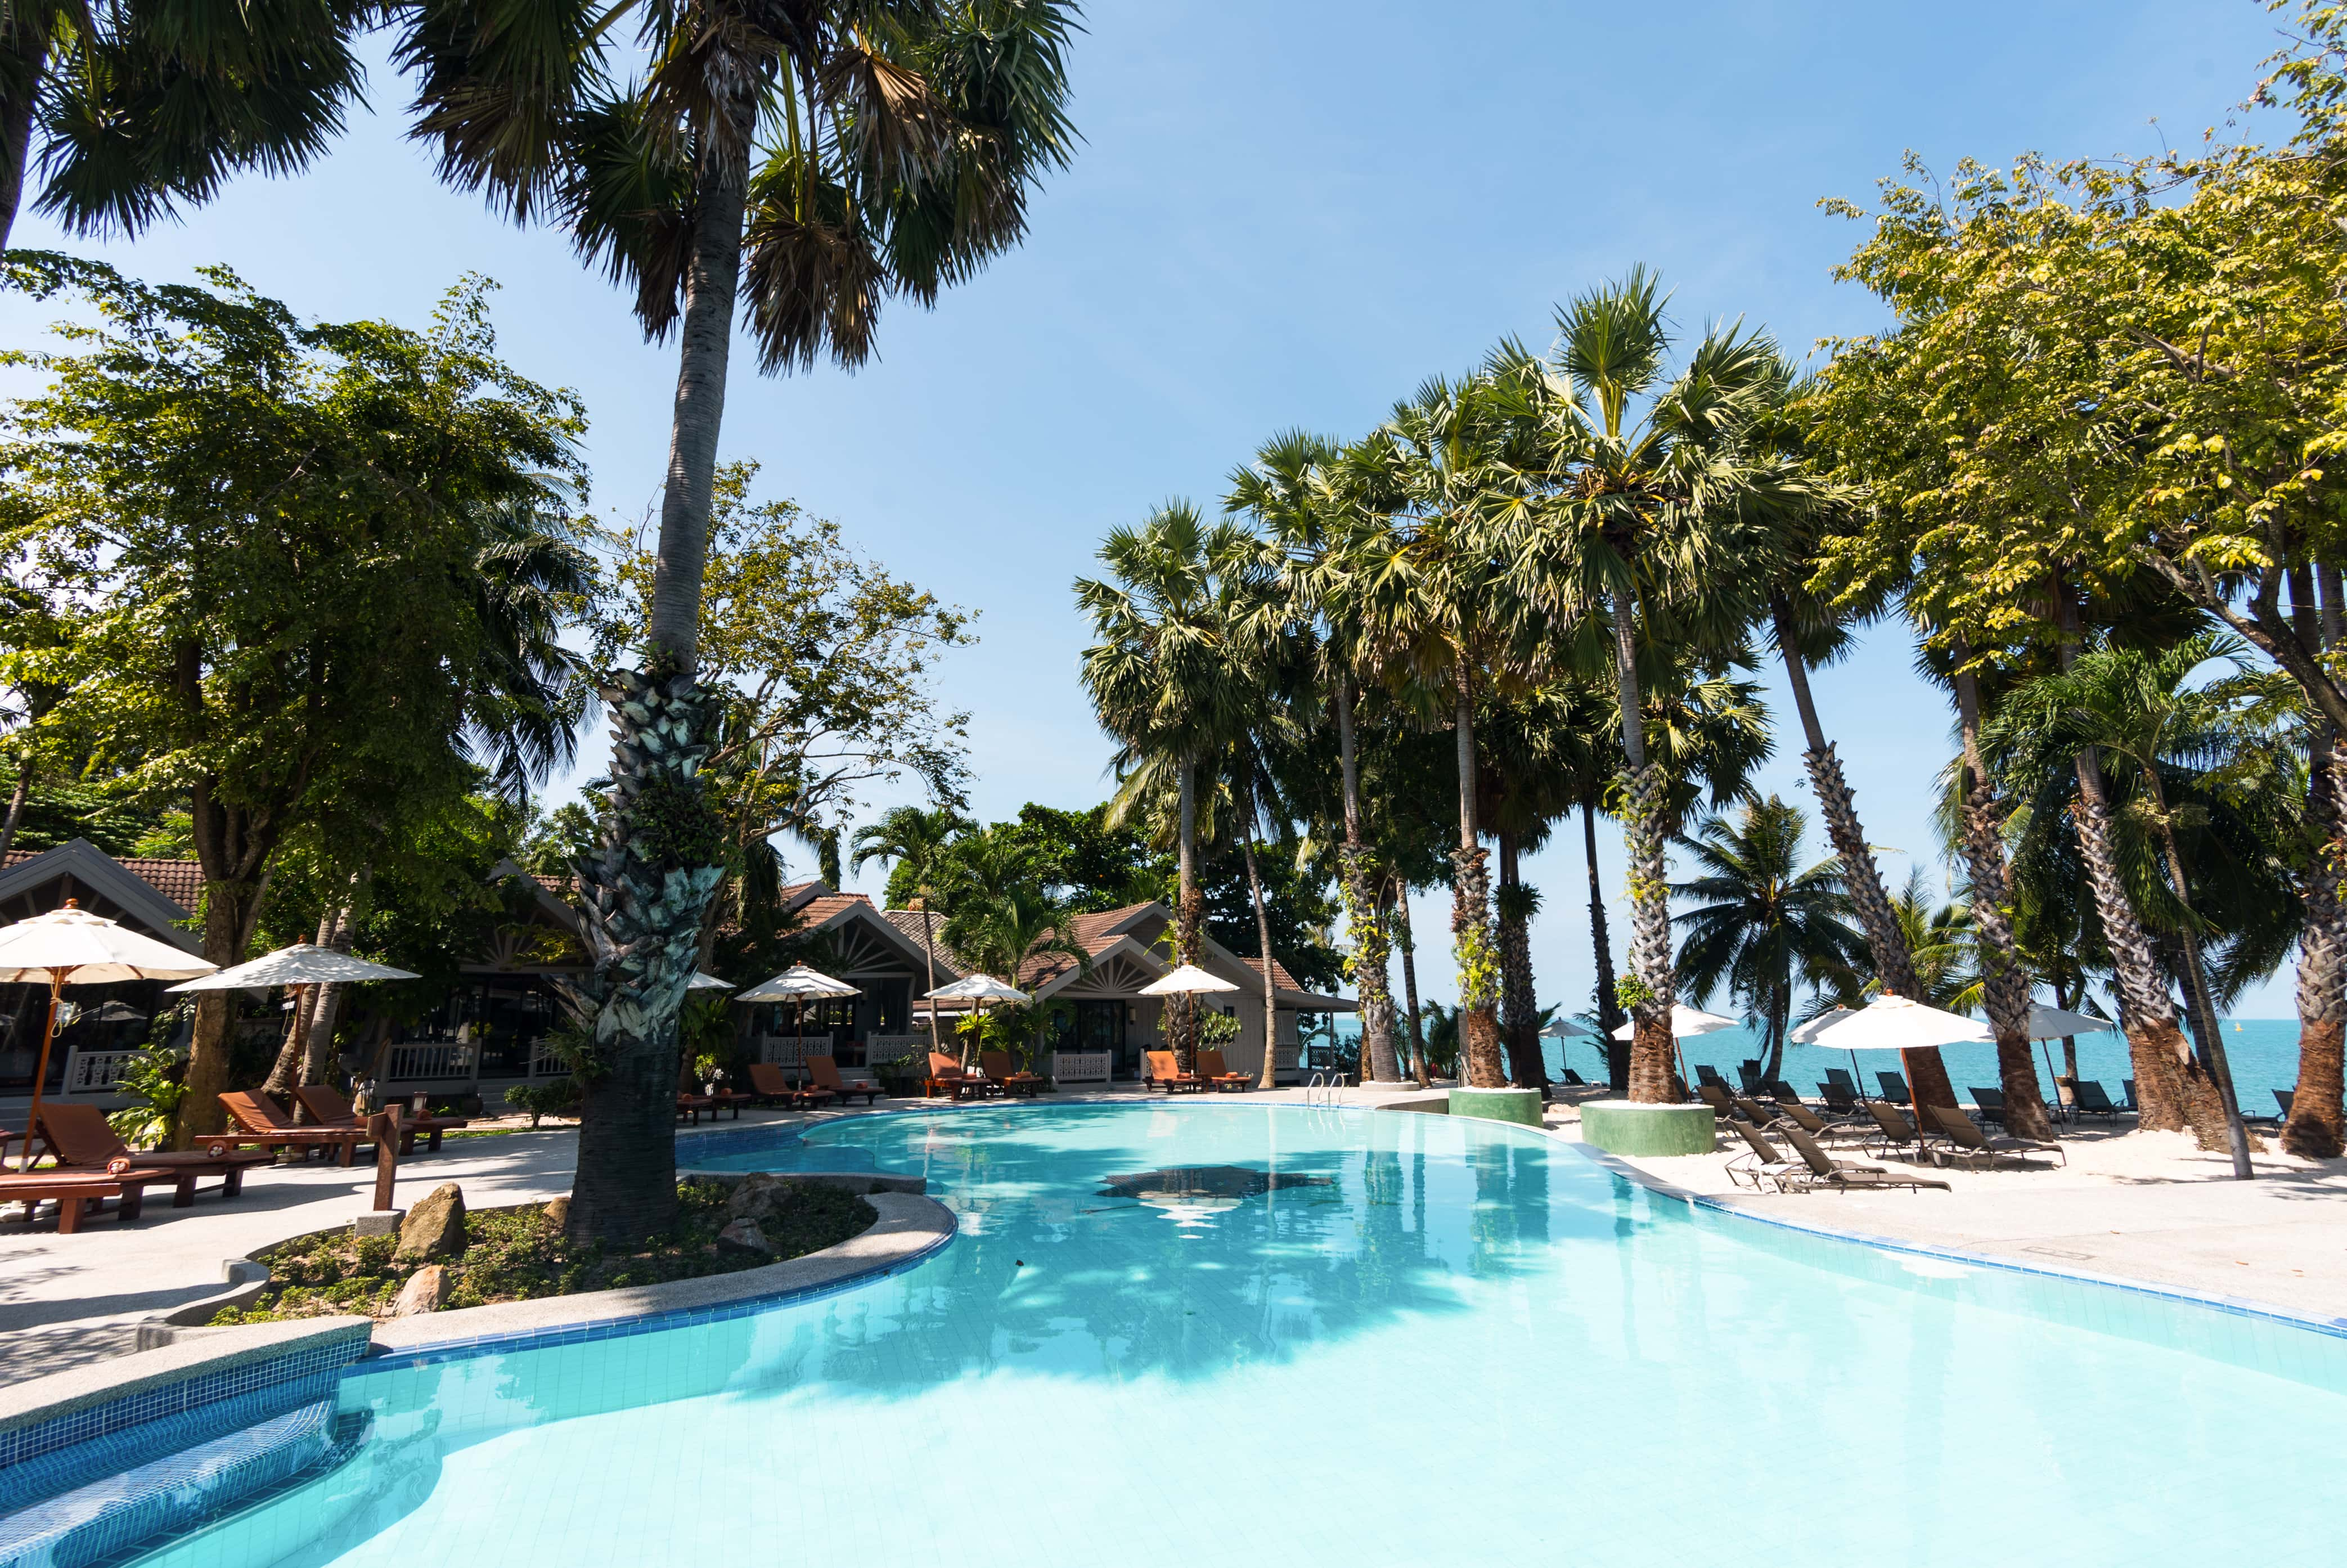 Paradise Beach Resort, Maenam Beach, Koh Samui, Thailand